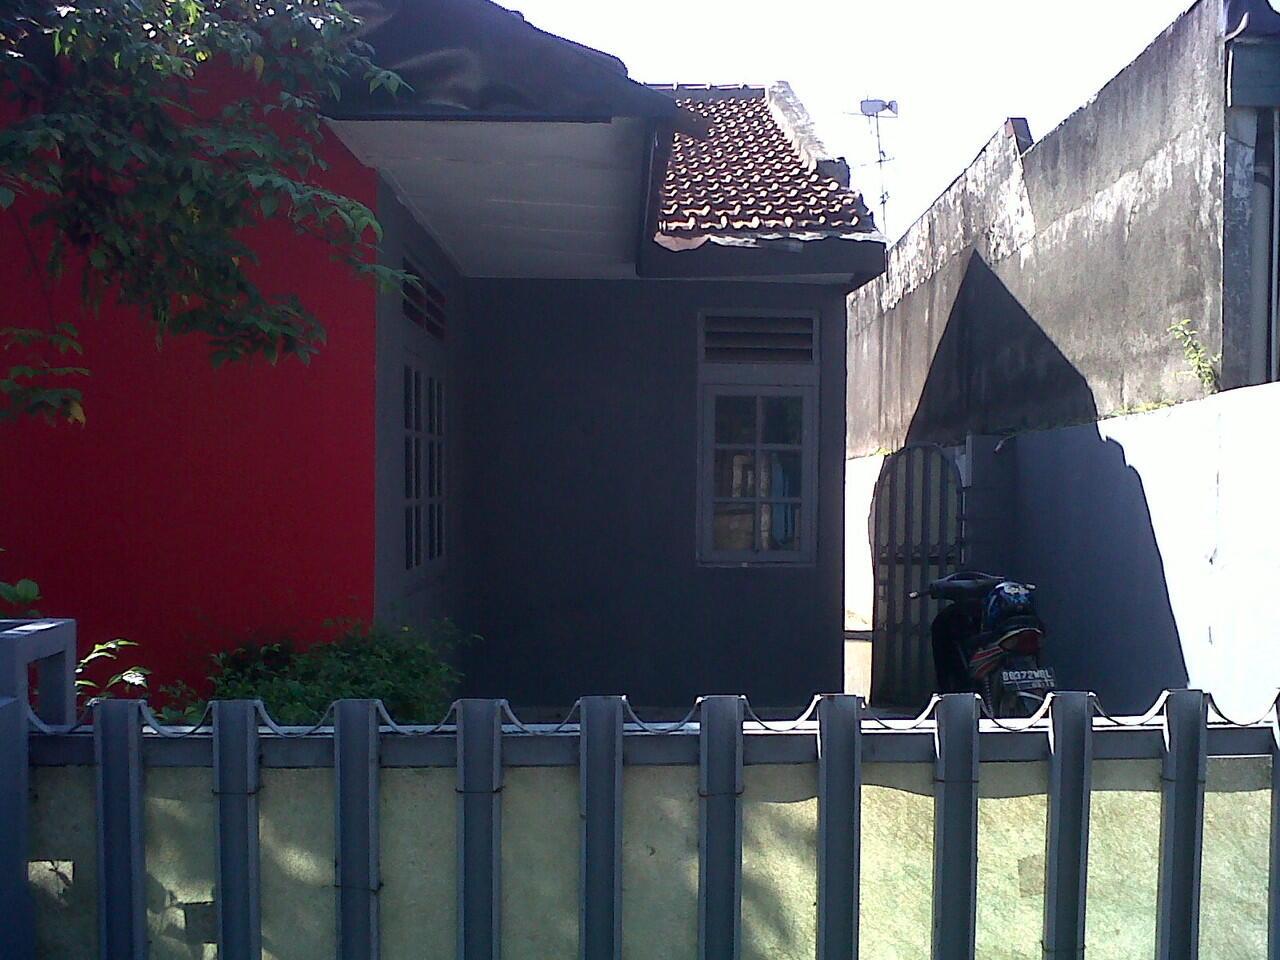 Rumah Nyaman dan Aman Perumahan Komplek BI dekat Pasar Ciputat